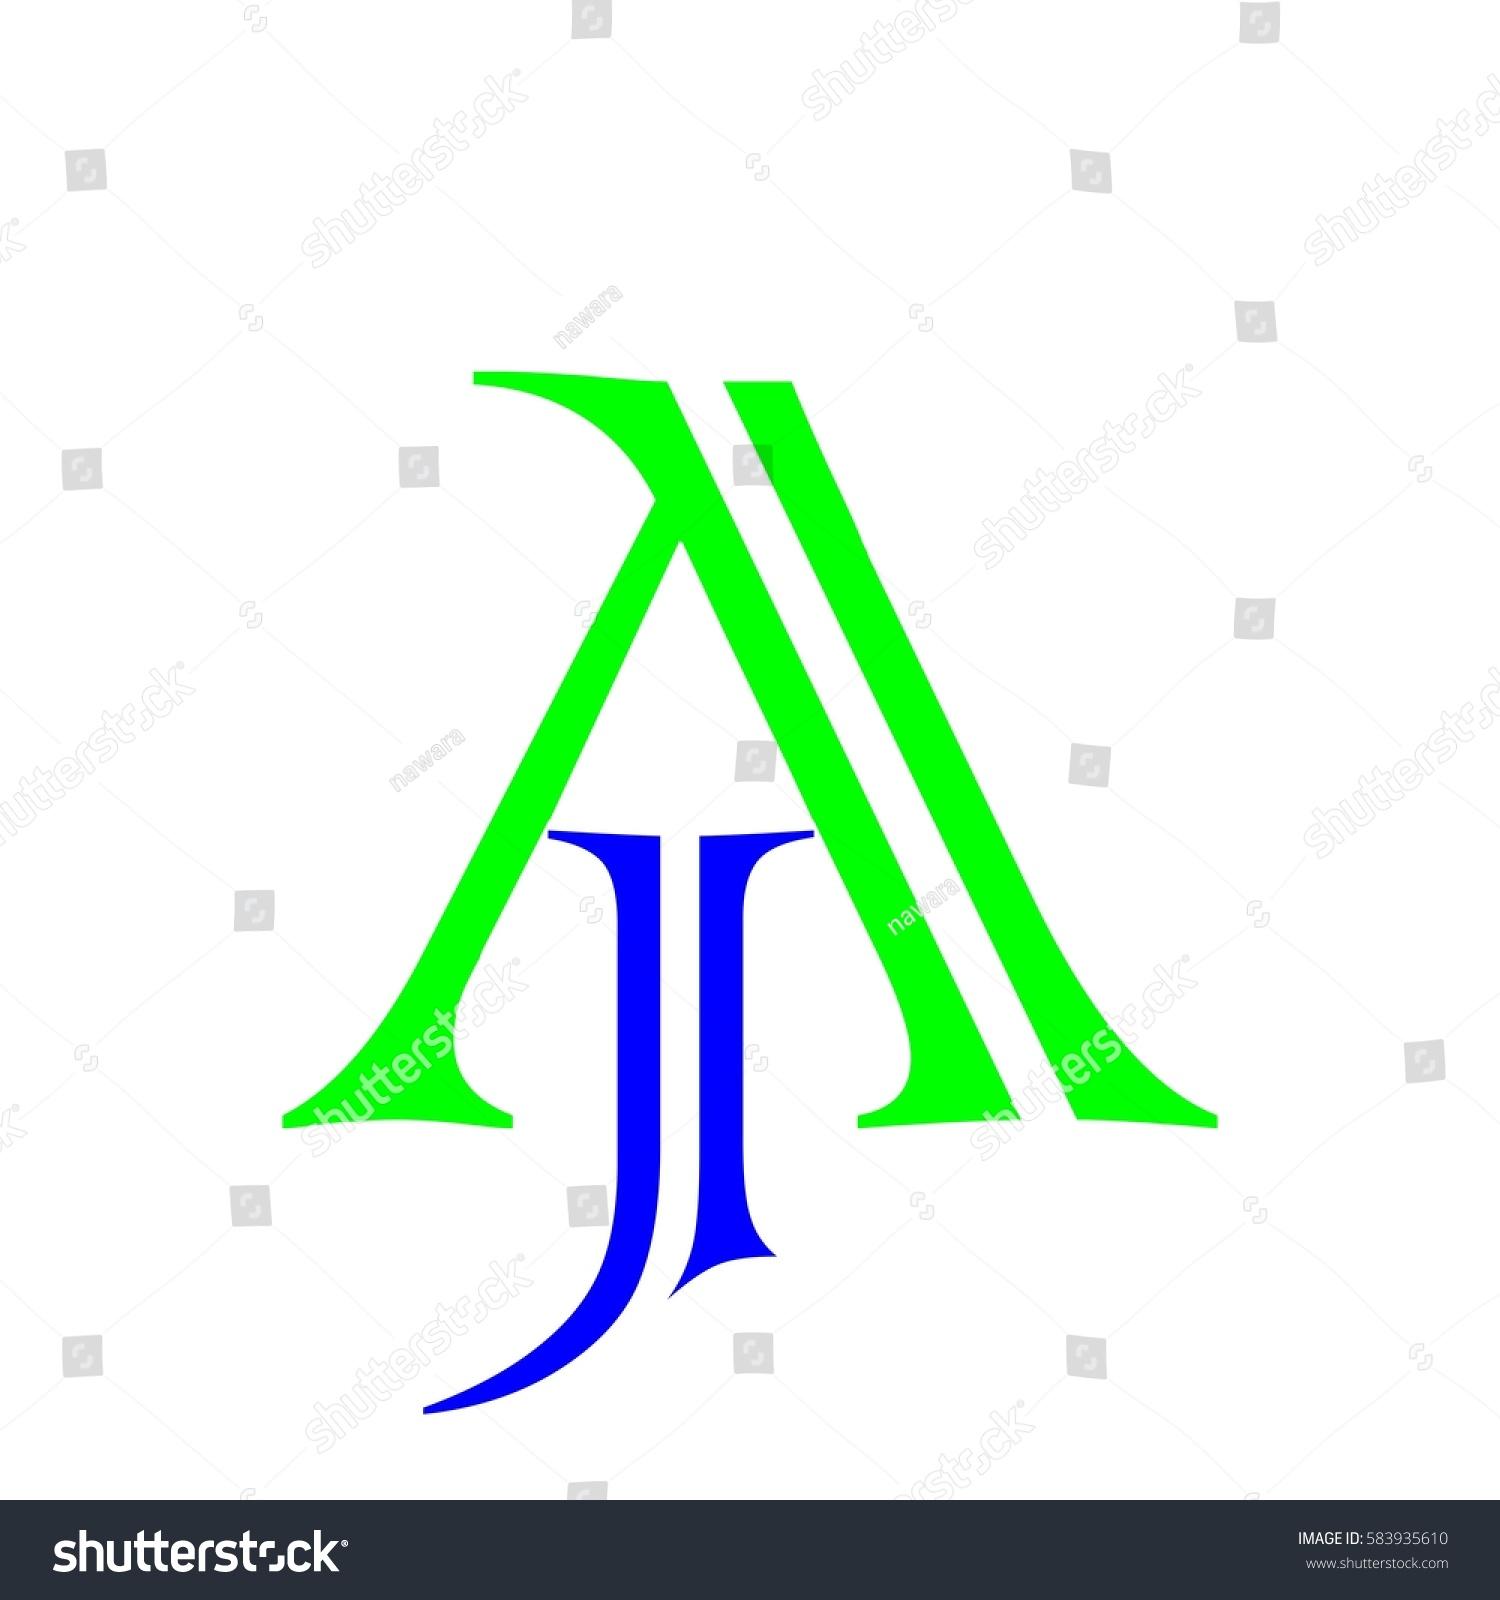 Initial Letter JA Blue Green Color Stock Vector 583935610 - Shutterstock